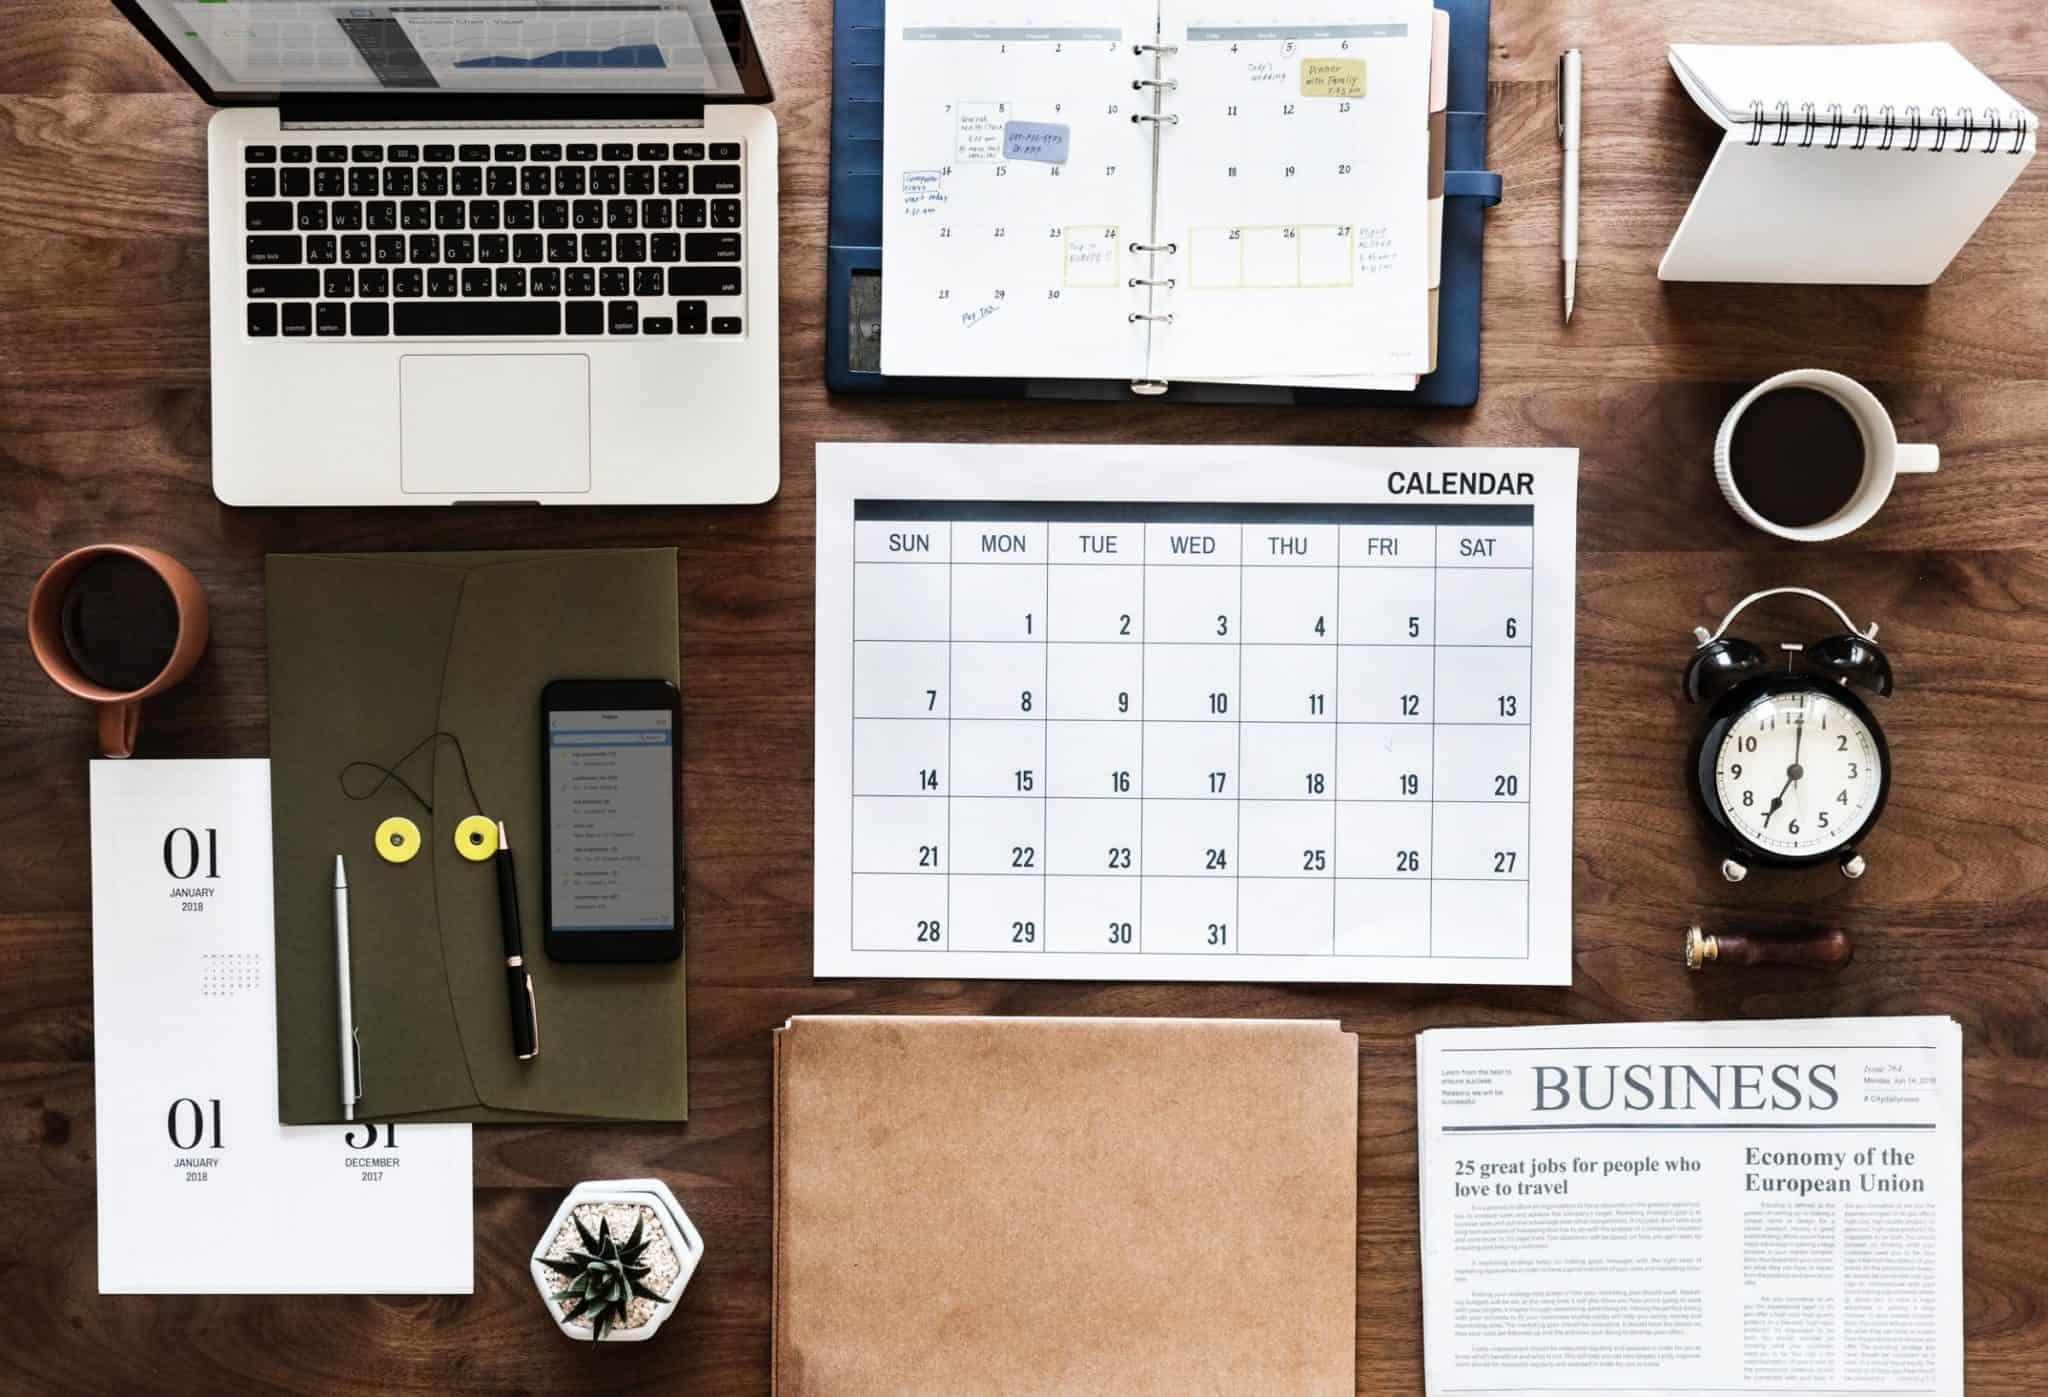 calendars-on-desk